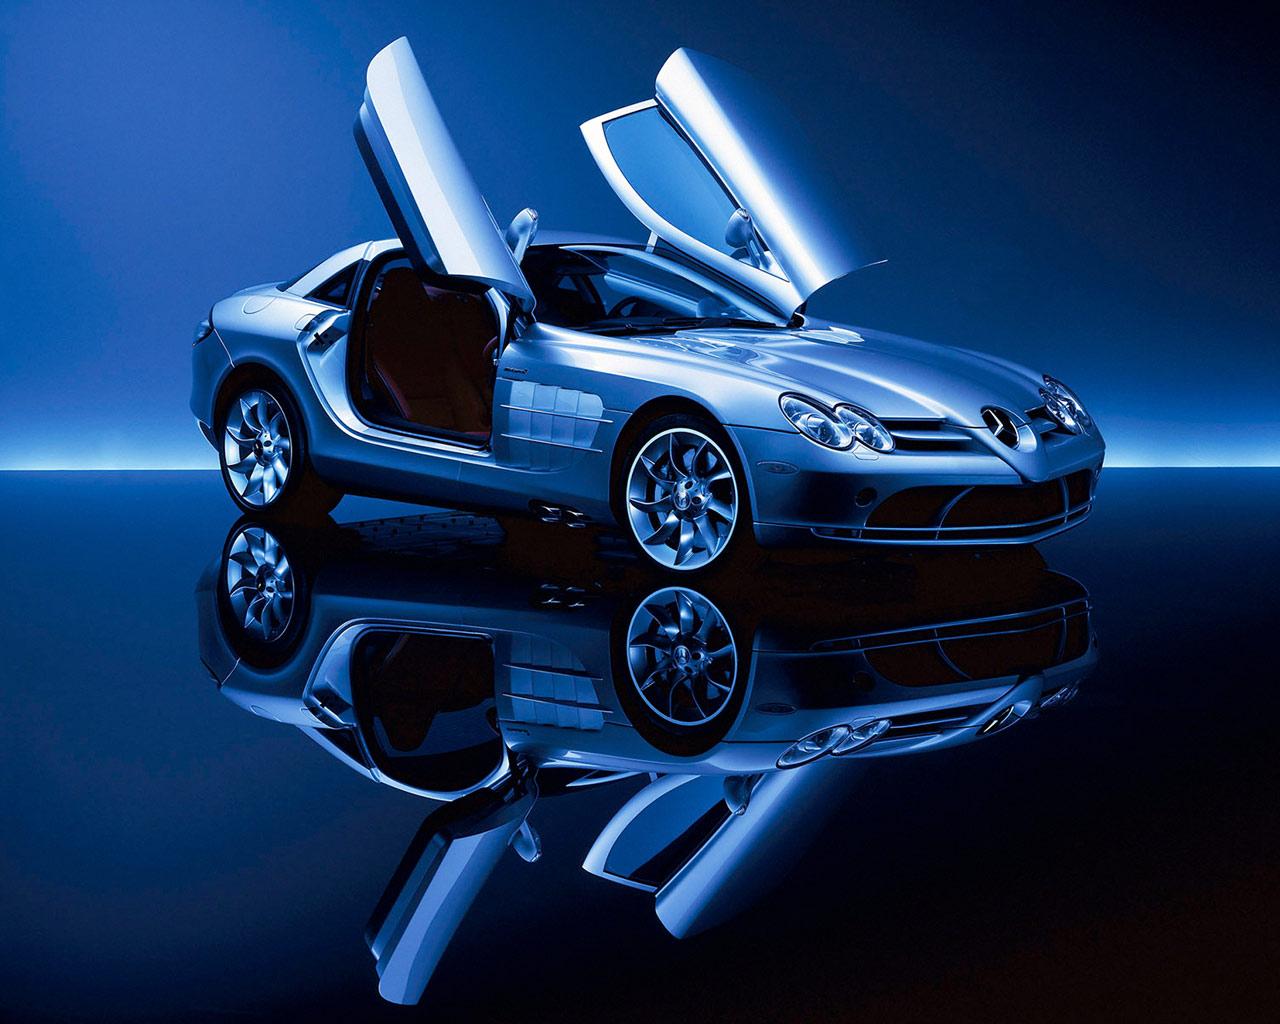 http://1.bp.blogspot.com/-pQmg5e0mYYY/UKkUwwbQIwI/AAAAAAAAHRQ/MAHWjDox5ig/s1600/MercedesBenz-SLR-McLaren-277098.jpeg